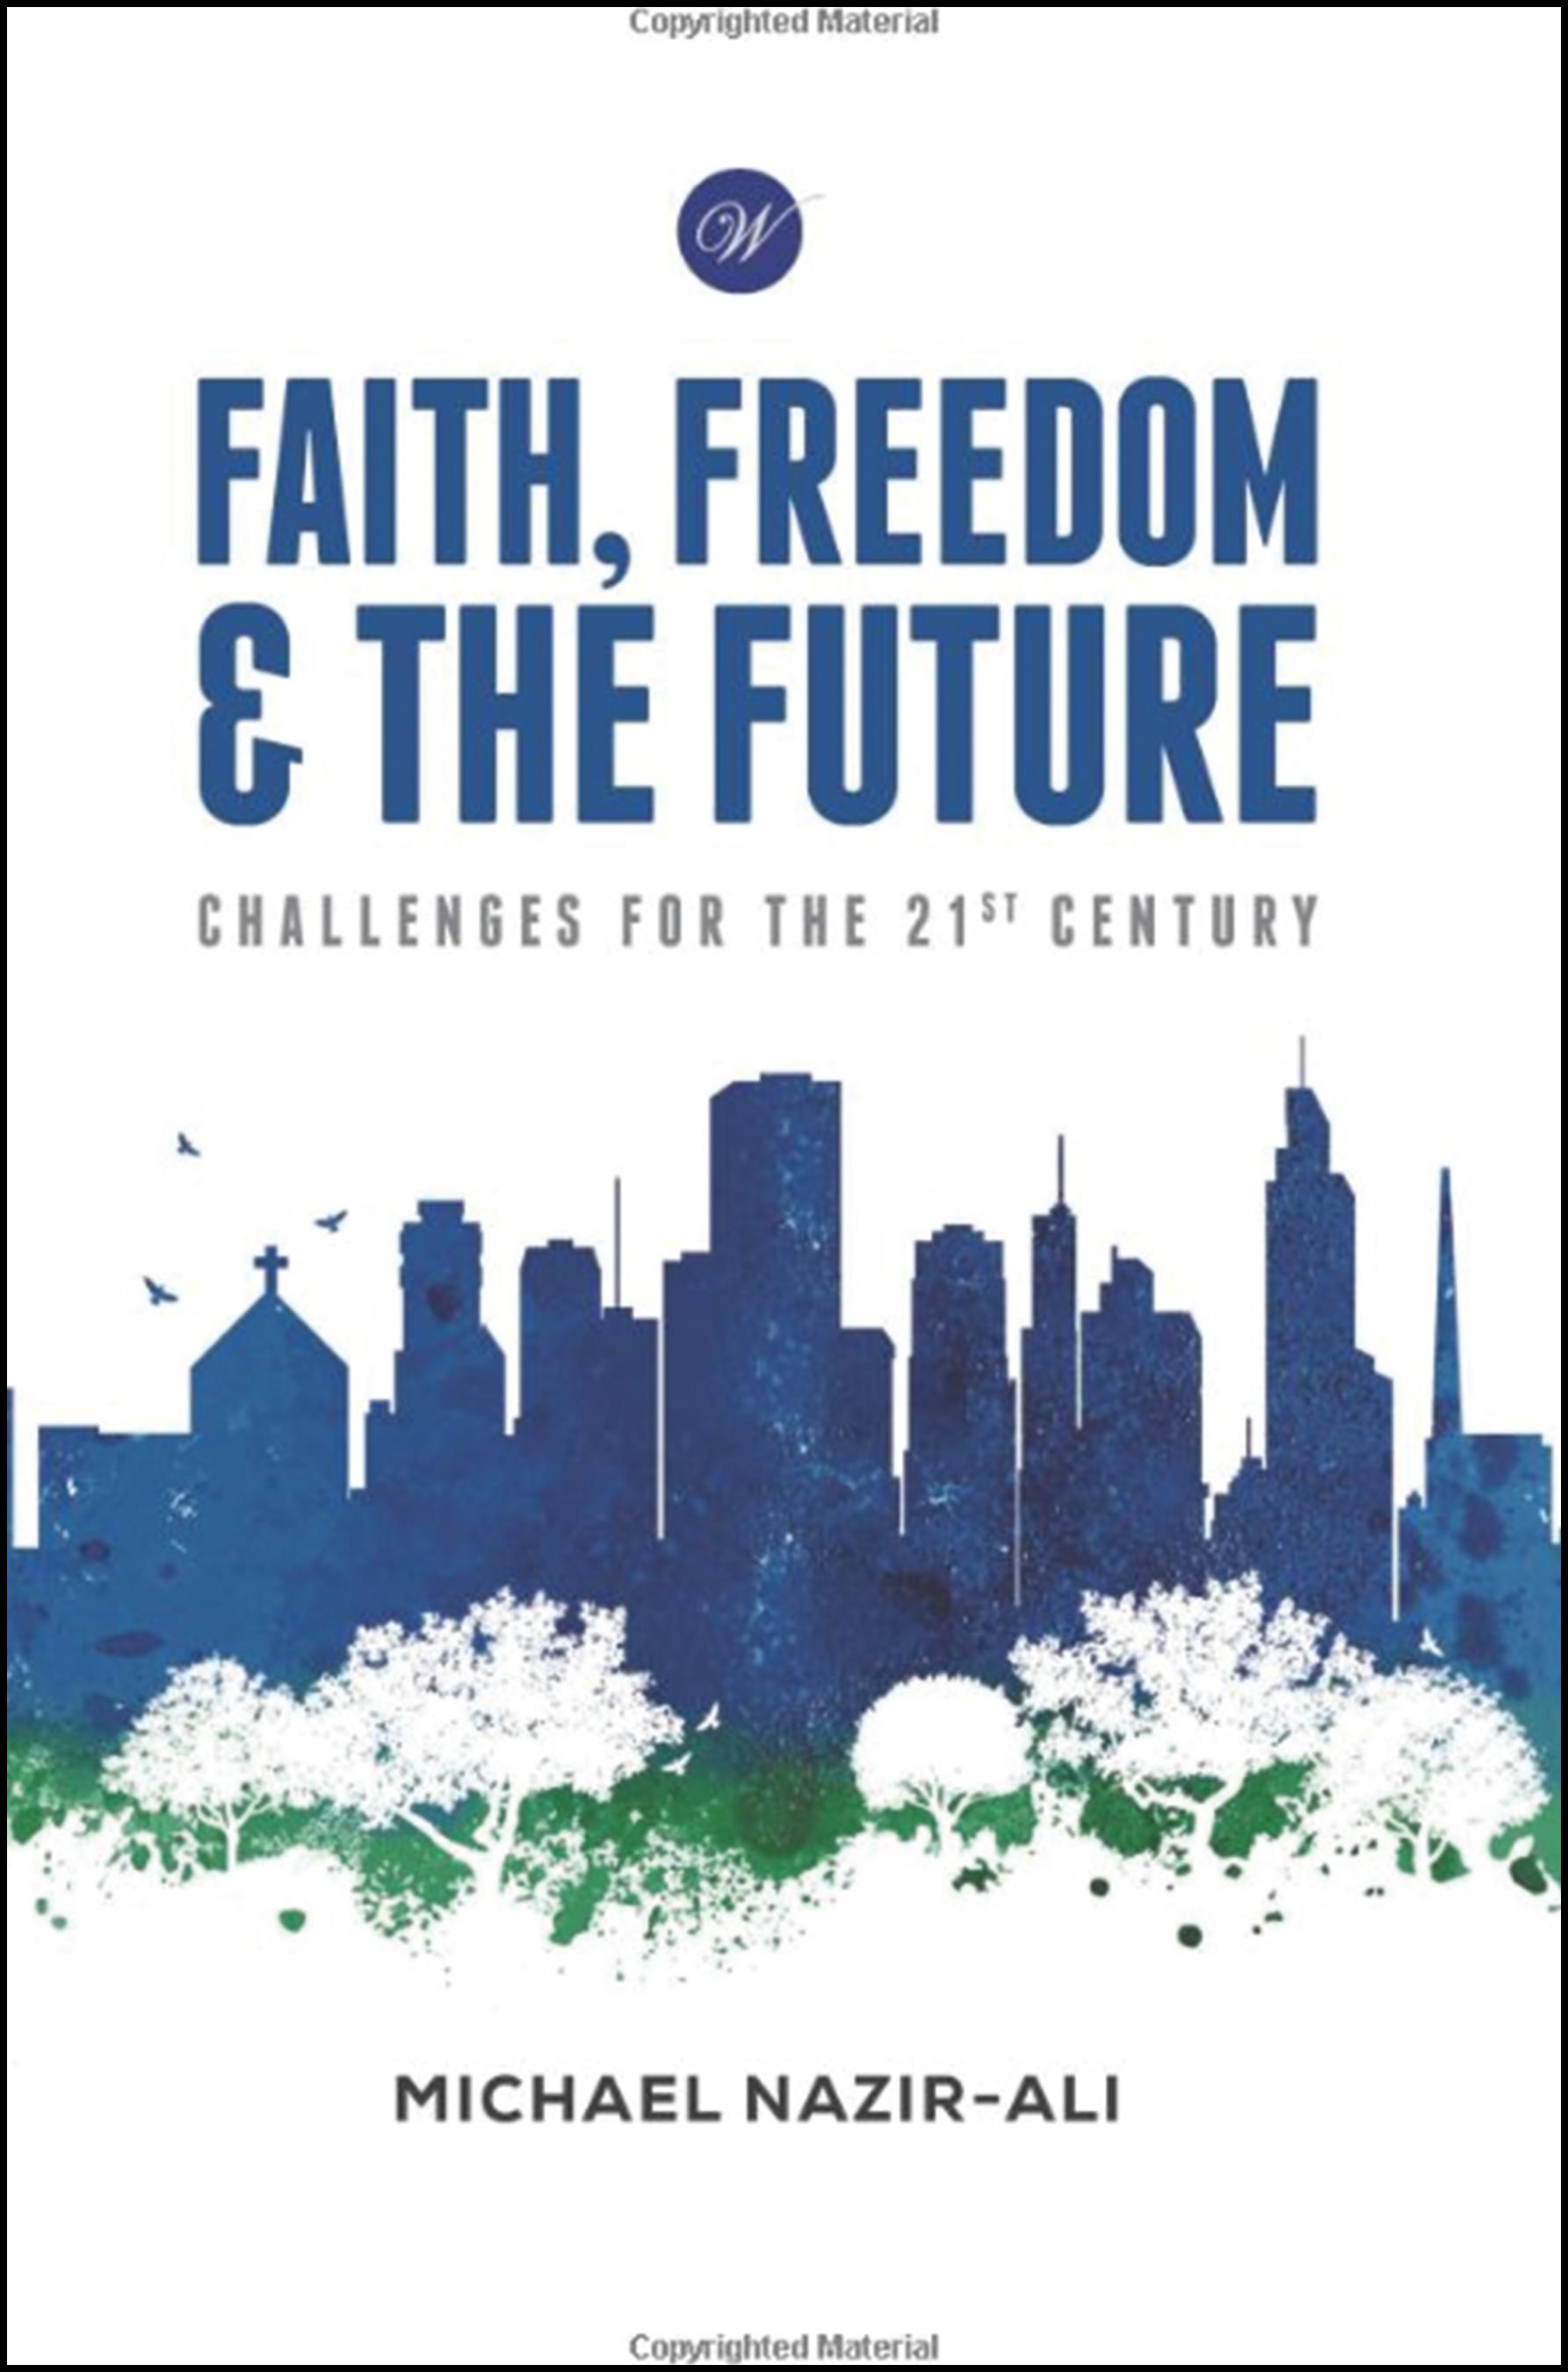 Faith, Freedom & The Future